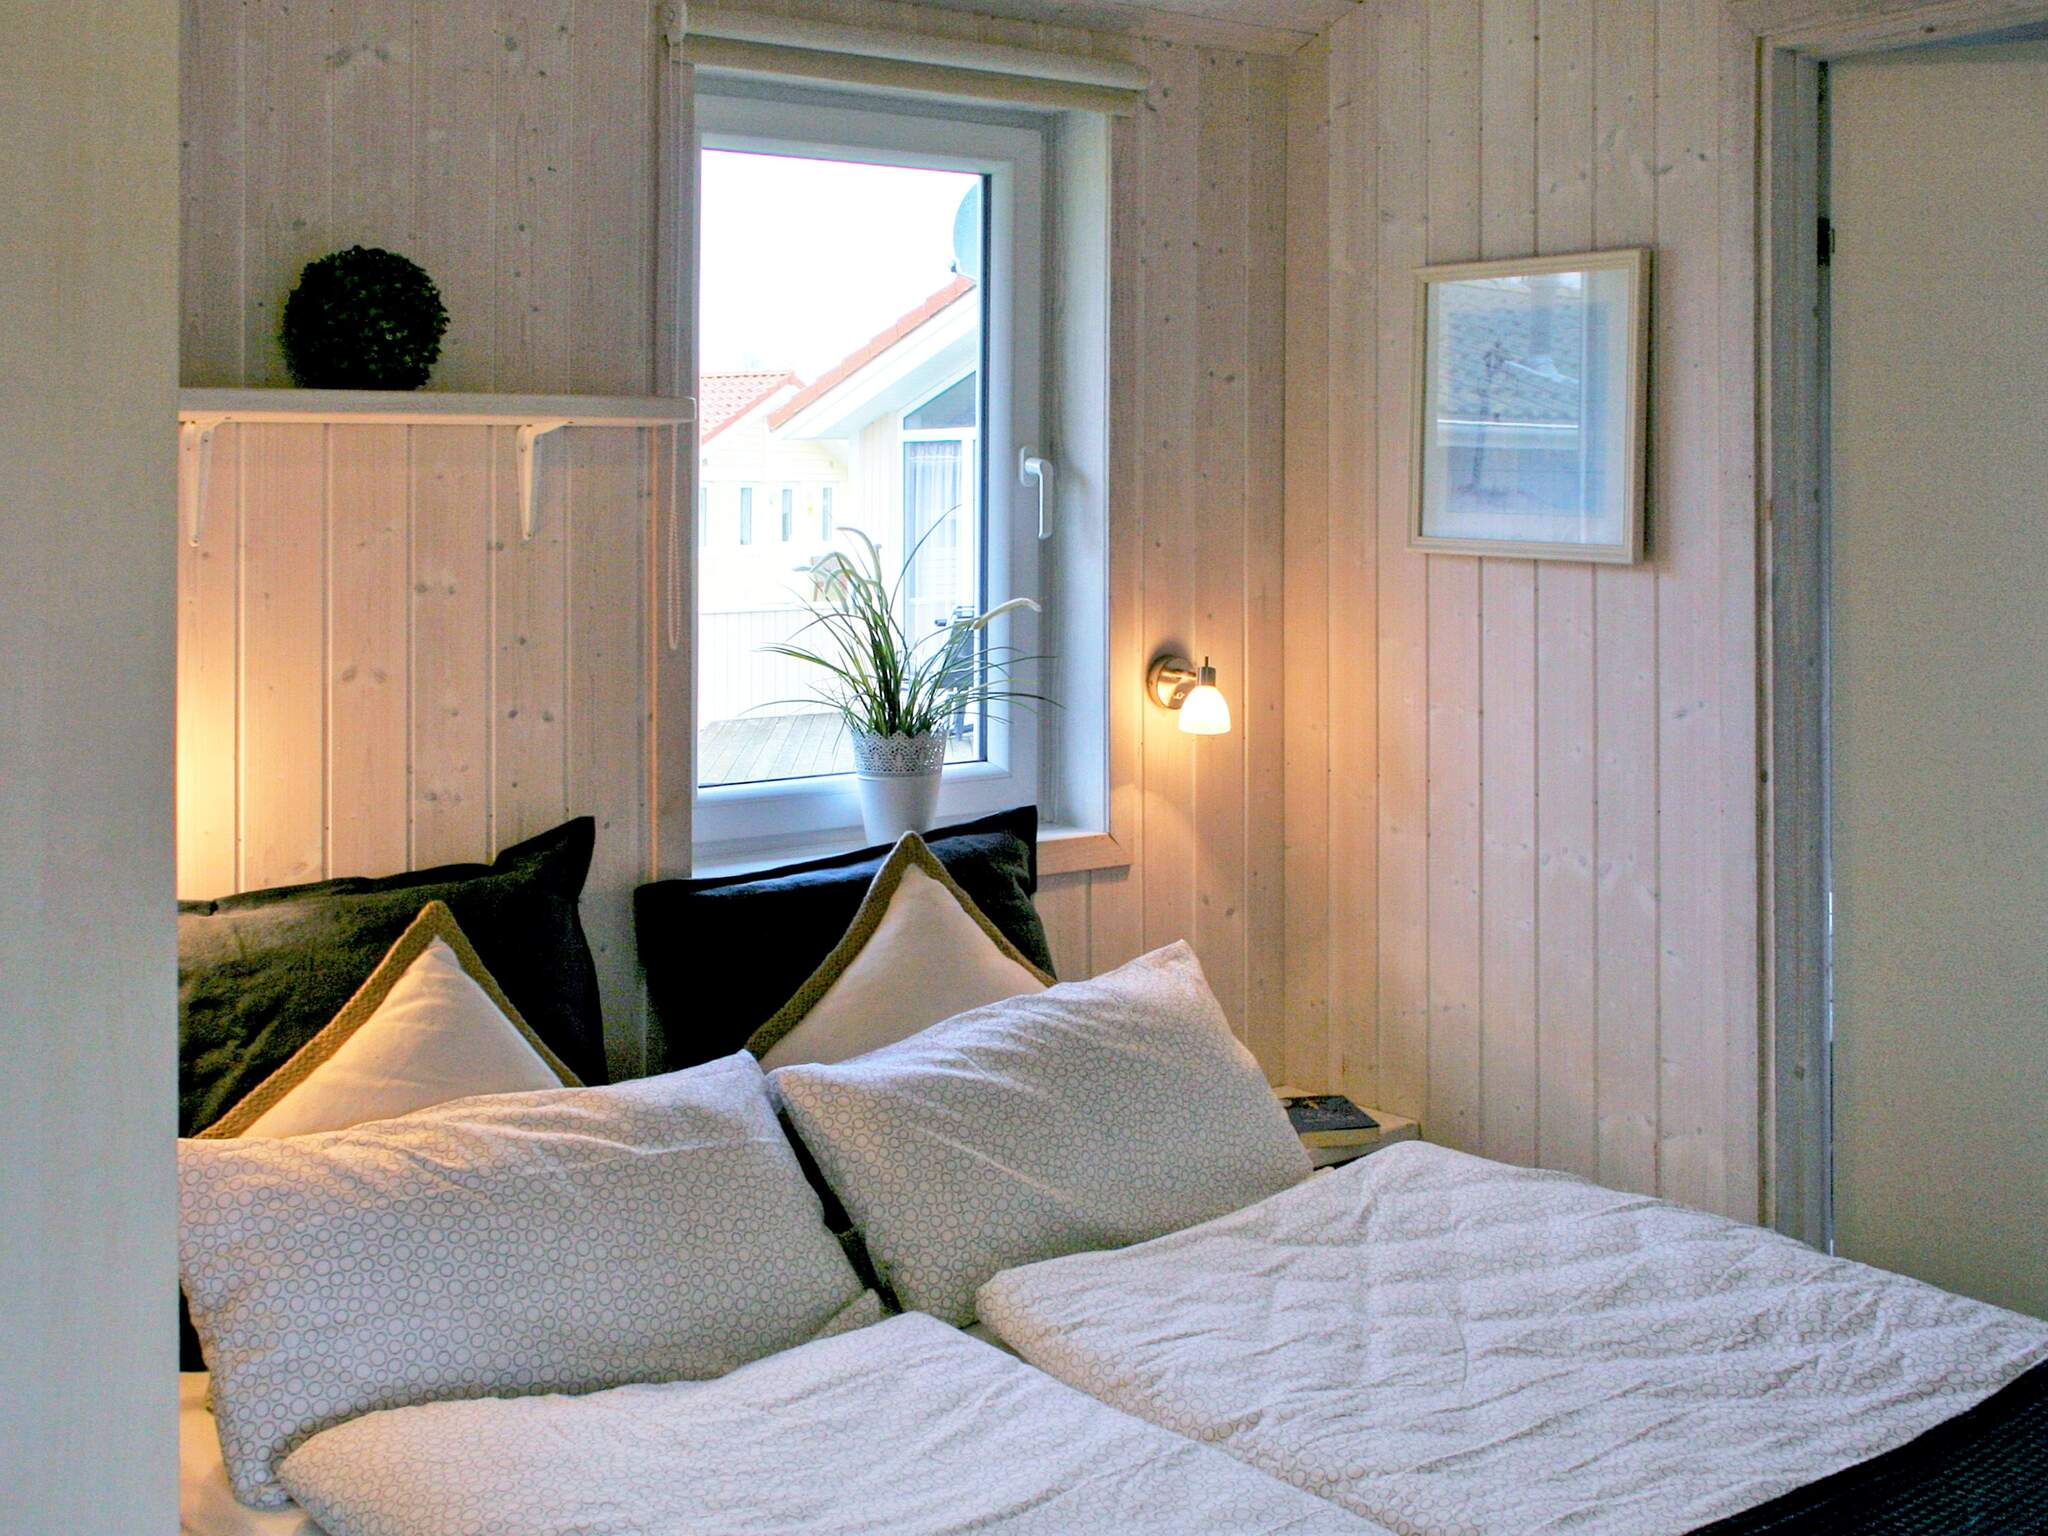 Maison de vacances Grömitz (436443), Grömitz, Baie de Lübeck, Schleswig-Holstein, Allemagne, image 9